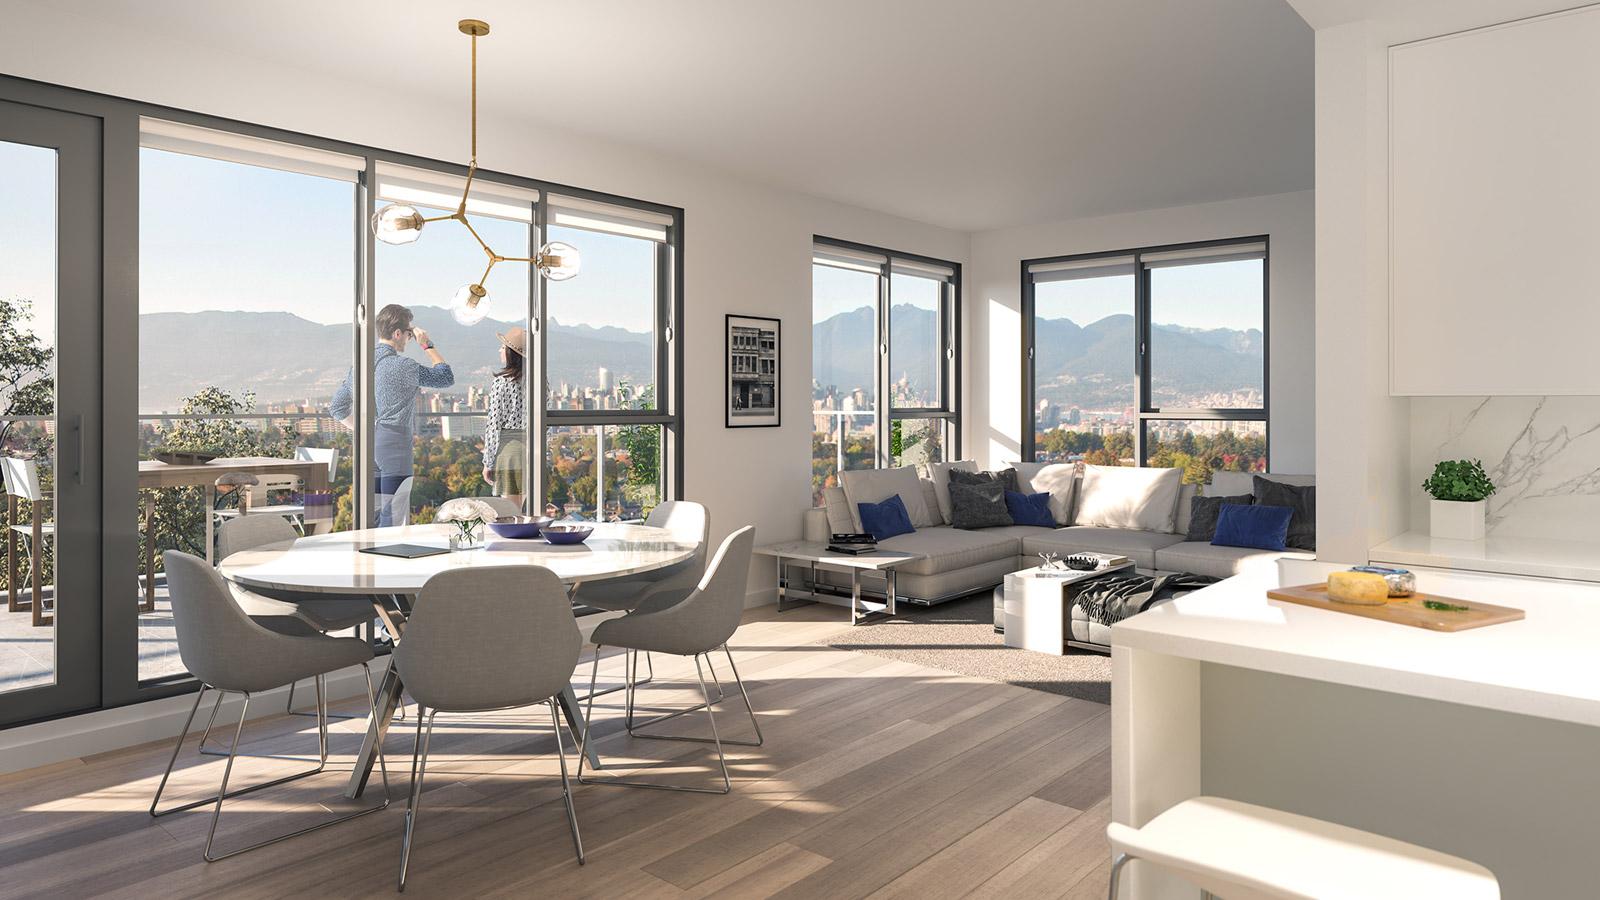 Interiors for high-calibre living.